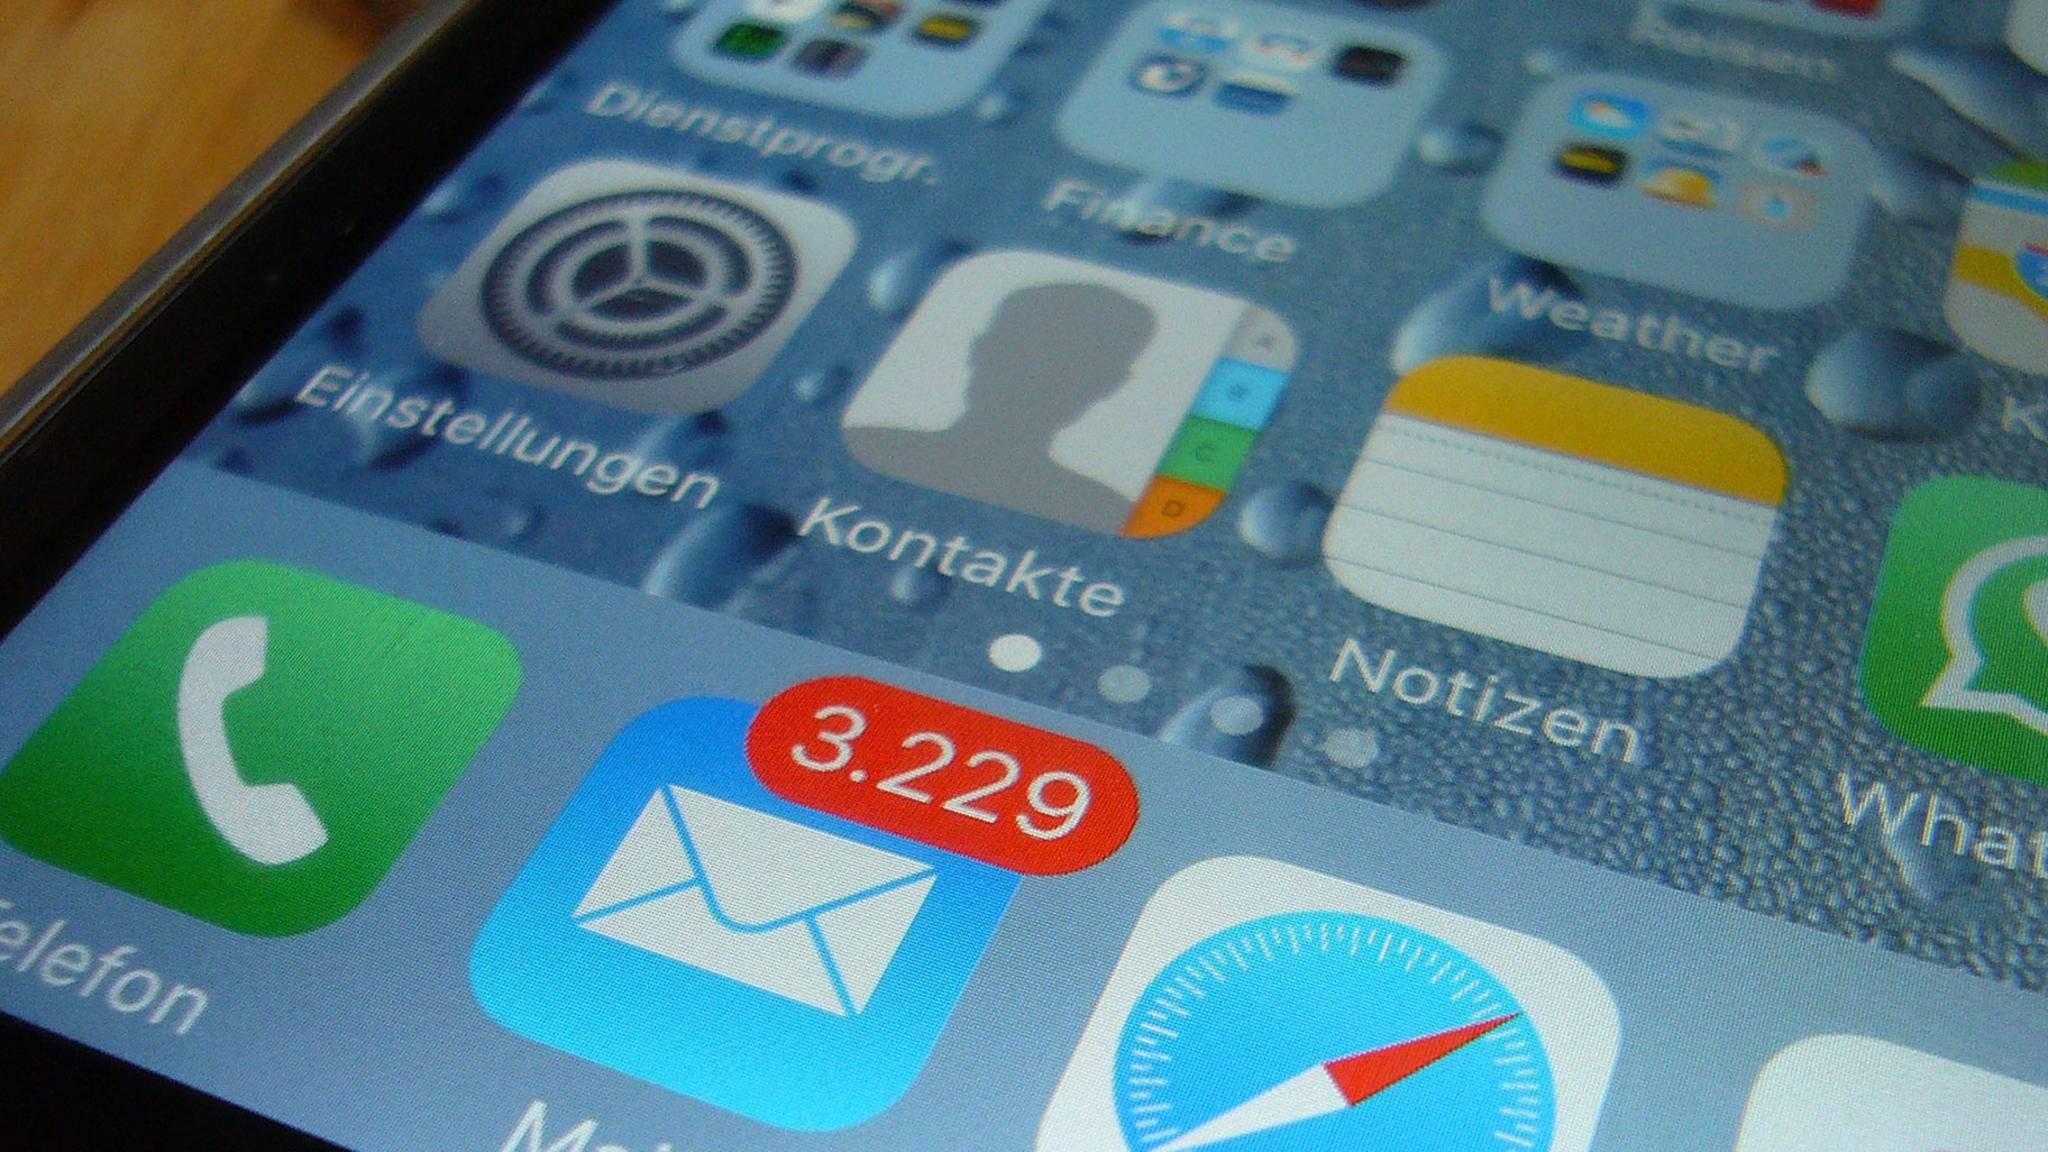 iPhone-Kontakte können auf mehrere Arten gesichert und exportiert werden.